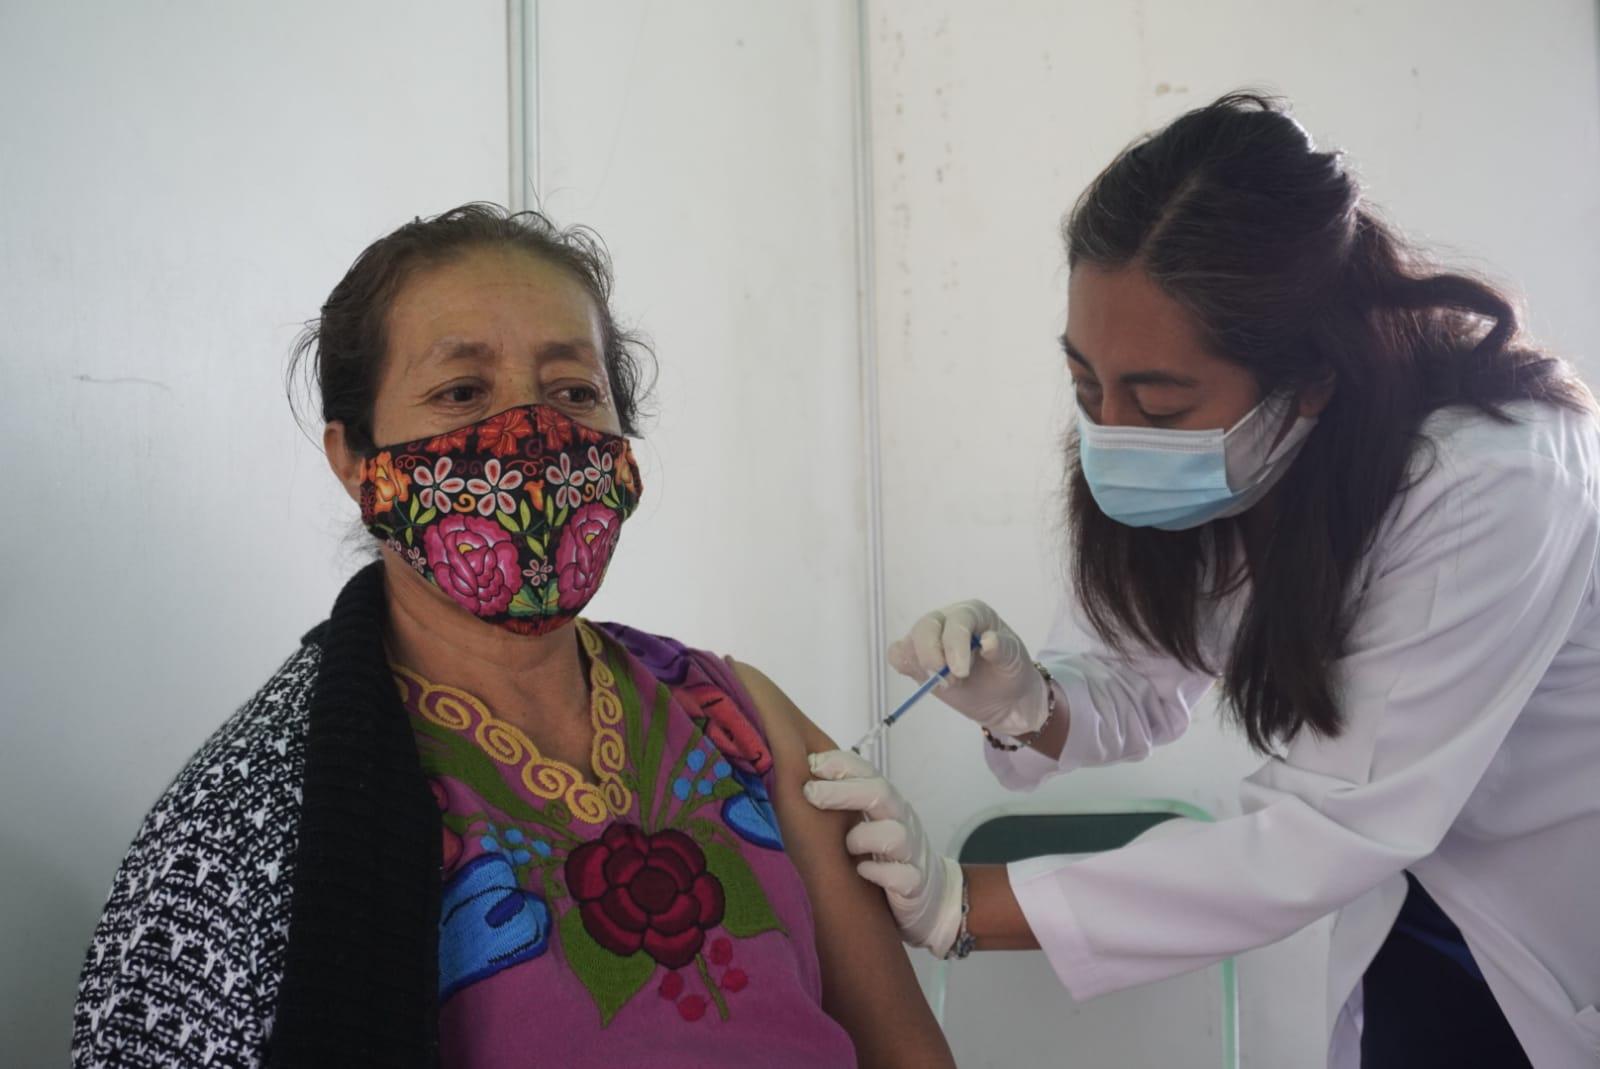 SSO reporta aumento en contagios por Covid-19 en Oaxaca; semáforo verde, hasta el 4 de julio